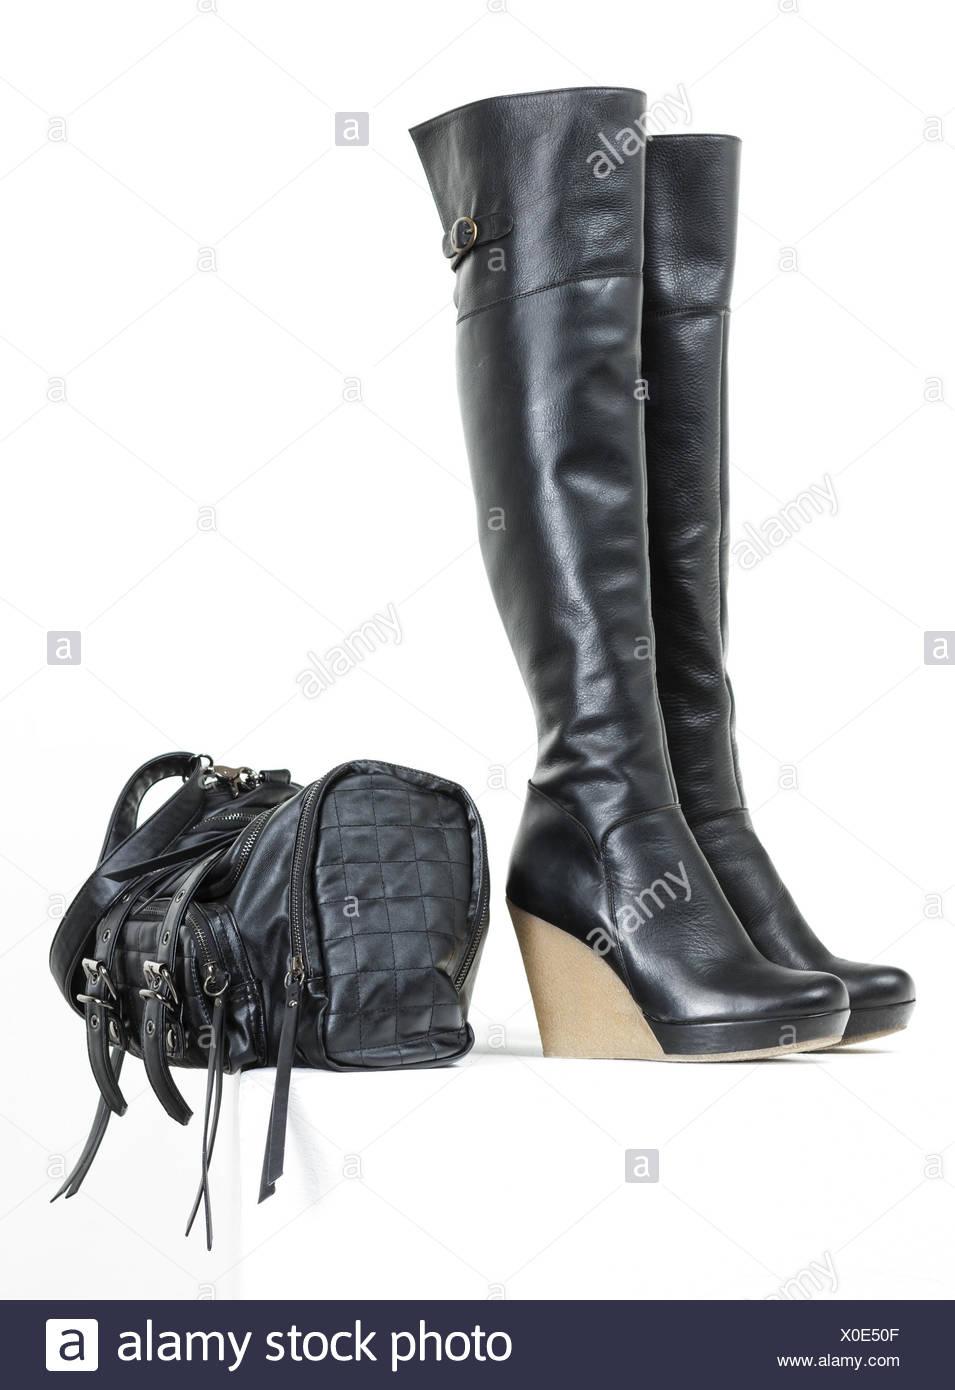 d02b927467 Modische Plattform schwarze Stiefel mit einer Handtasche. Stockbild